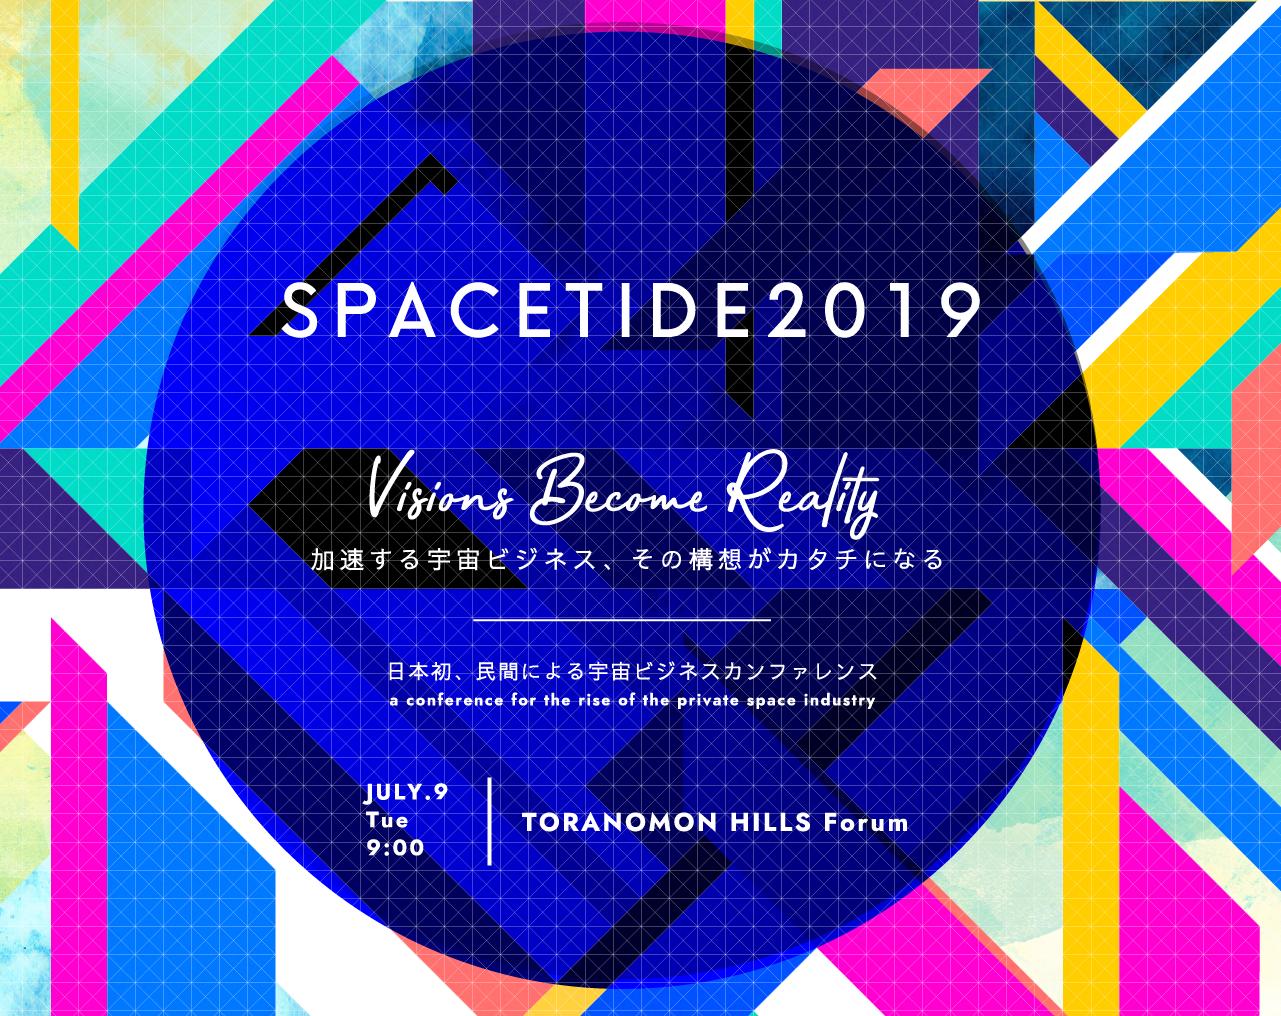 Spacetide 2019